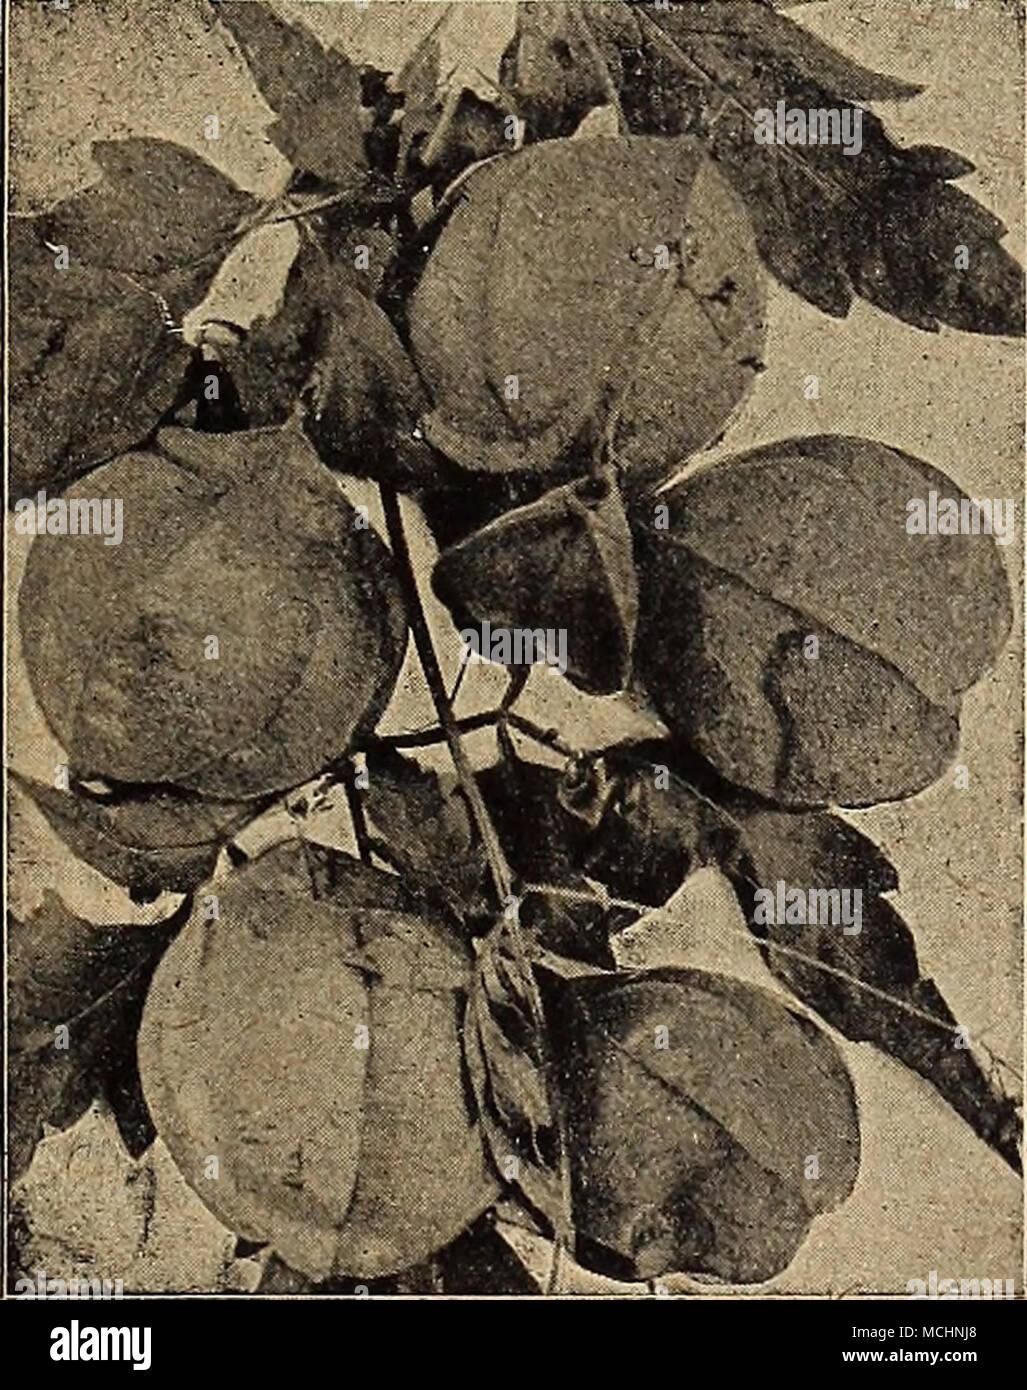 . Balloon Vine fleur de Camélia Double Balsamines (Lady Slipper) un vieux jardin préféré et ses magnifiques fleurs, produisant des masses de beauti- ful couleur brillante fleurs doubles dans la plus grande profusion; facile de culture; parvient à un bon sol riche, les annuelles d'offres; 2 pieds. Commencer la semence à l'intérieur en avril, ou semis à l'extérieur en mai. Les spécimens d'augmenter bien qu'ils ne doivent pas être à moins de 18 pouces. (Voir coupe.) 1532 Prince du saumon. Rose-saumon exquis; très double 10 i:>33 10 1534 jaune lumière écarlate. Fiery brillant 101535 écarlate Solferino. Blanc avec des rayures et des taches, lilas et scarle Banque D'Images